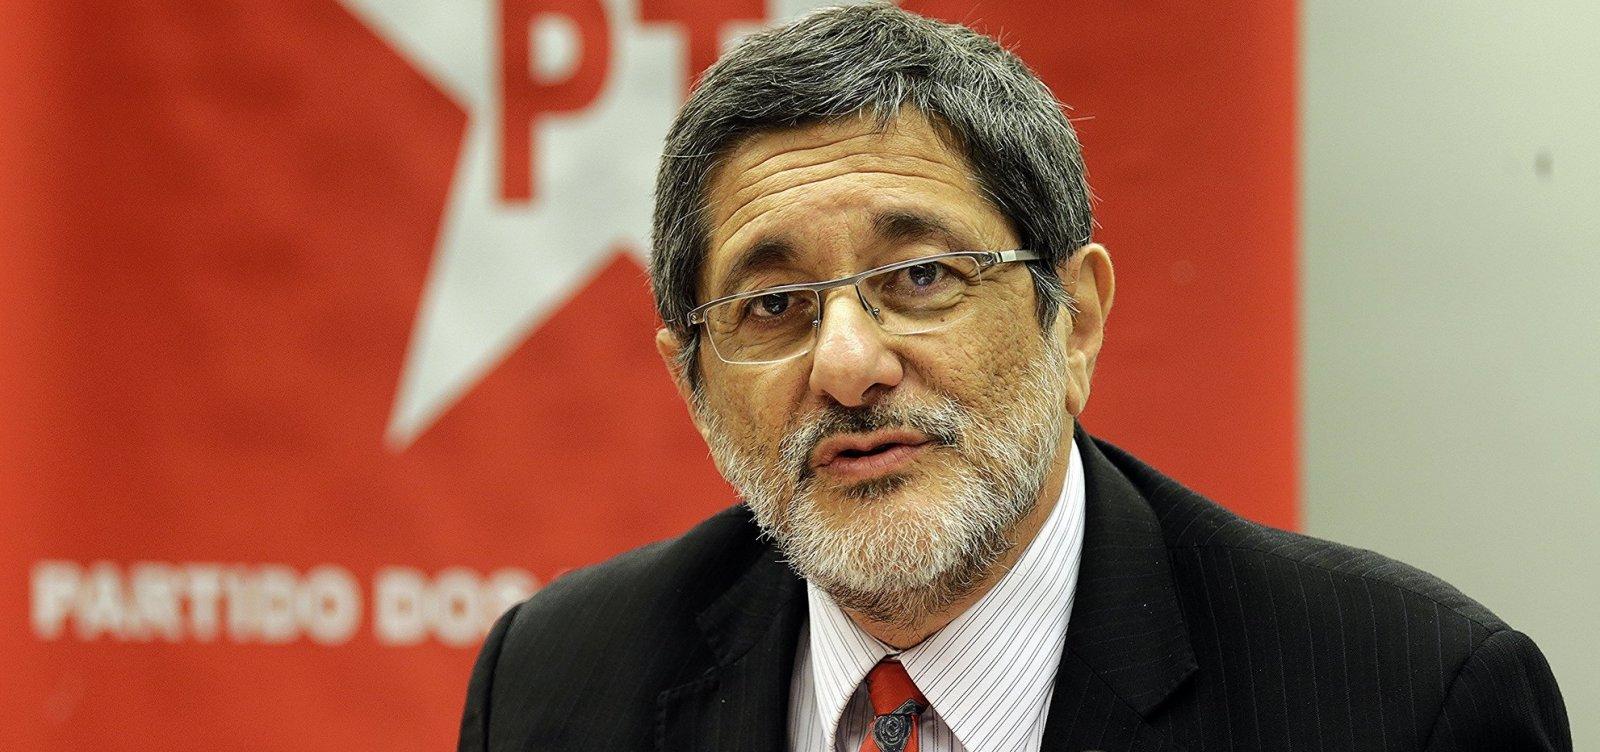 Gabrielli ironiza Ciro Gomes e diz que soltar Lula 'volta a ser foco da disputa'